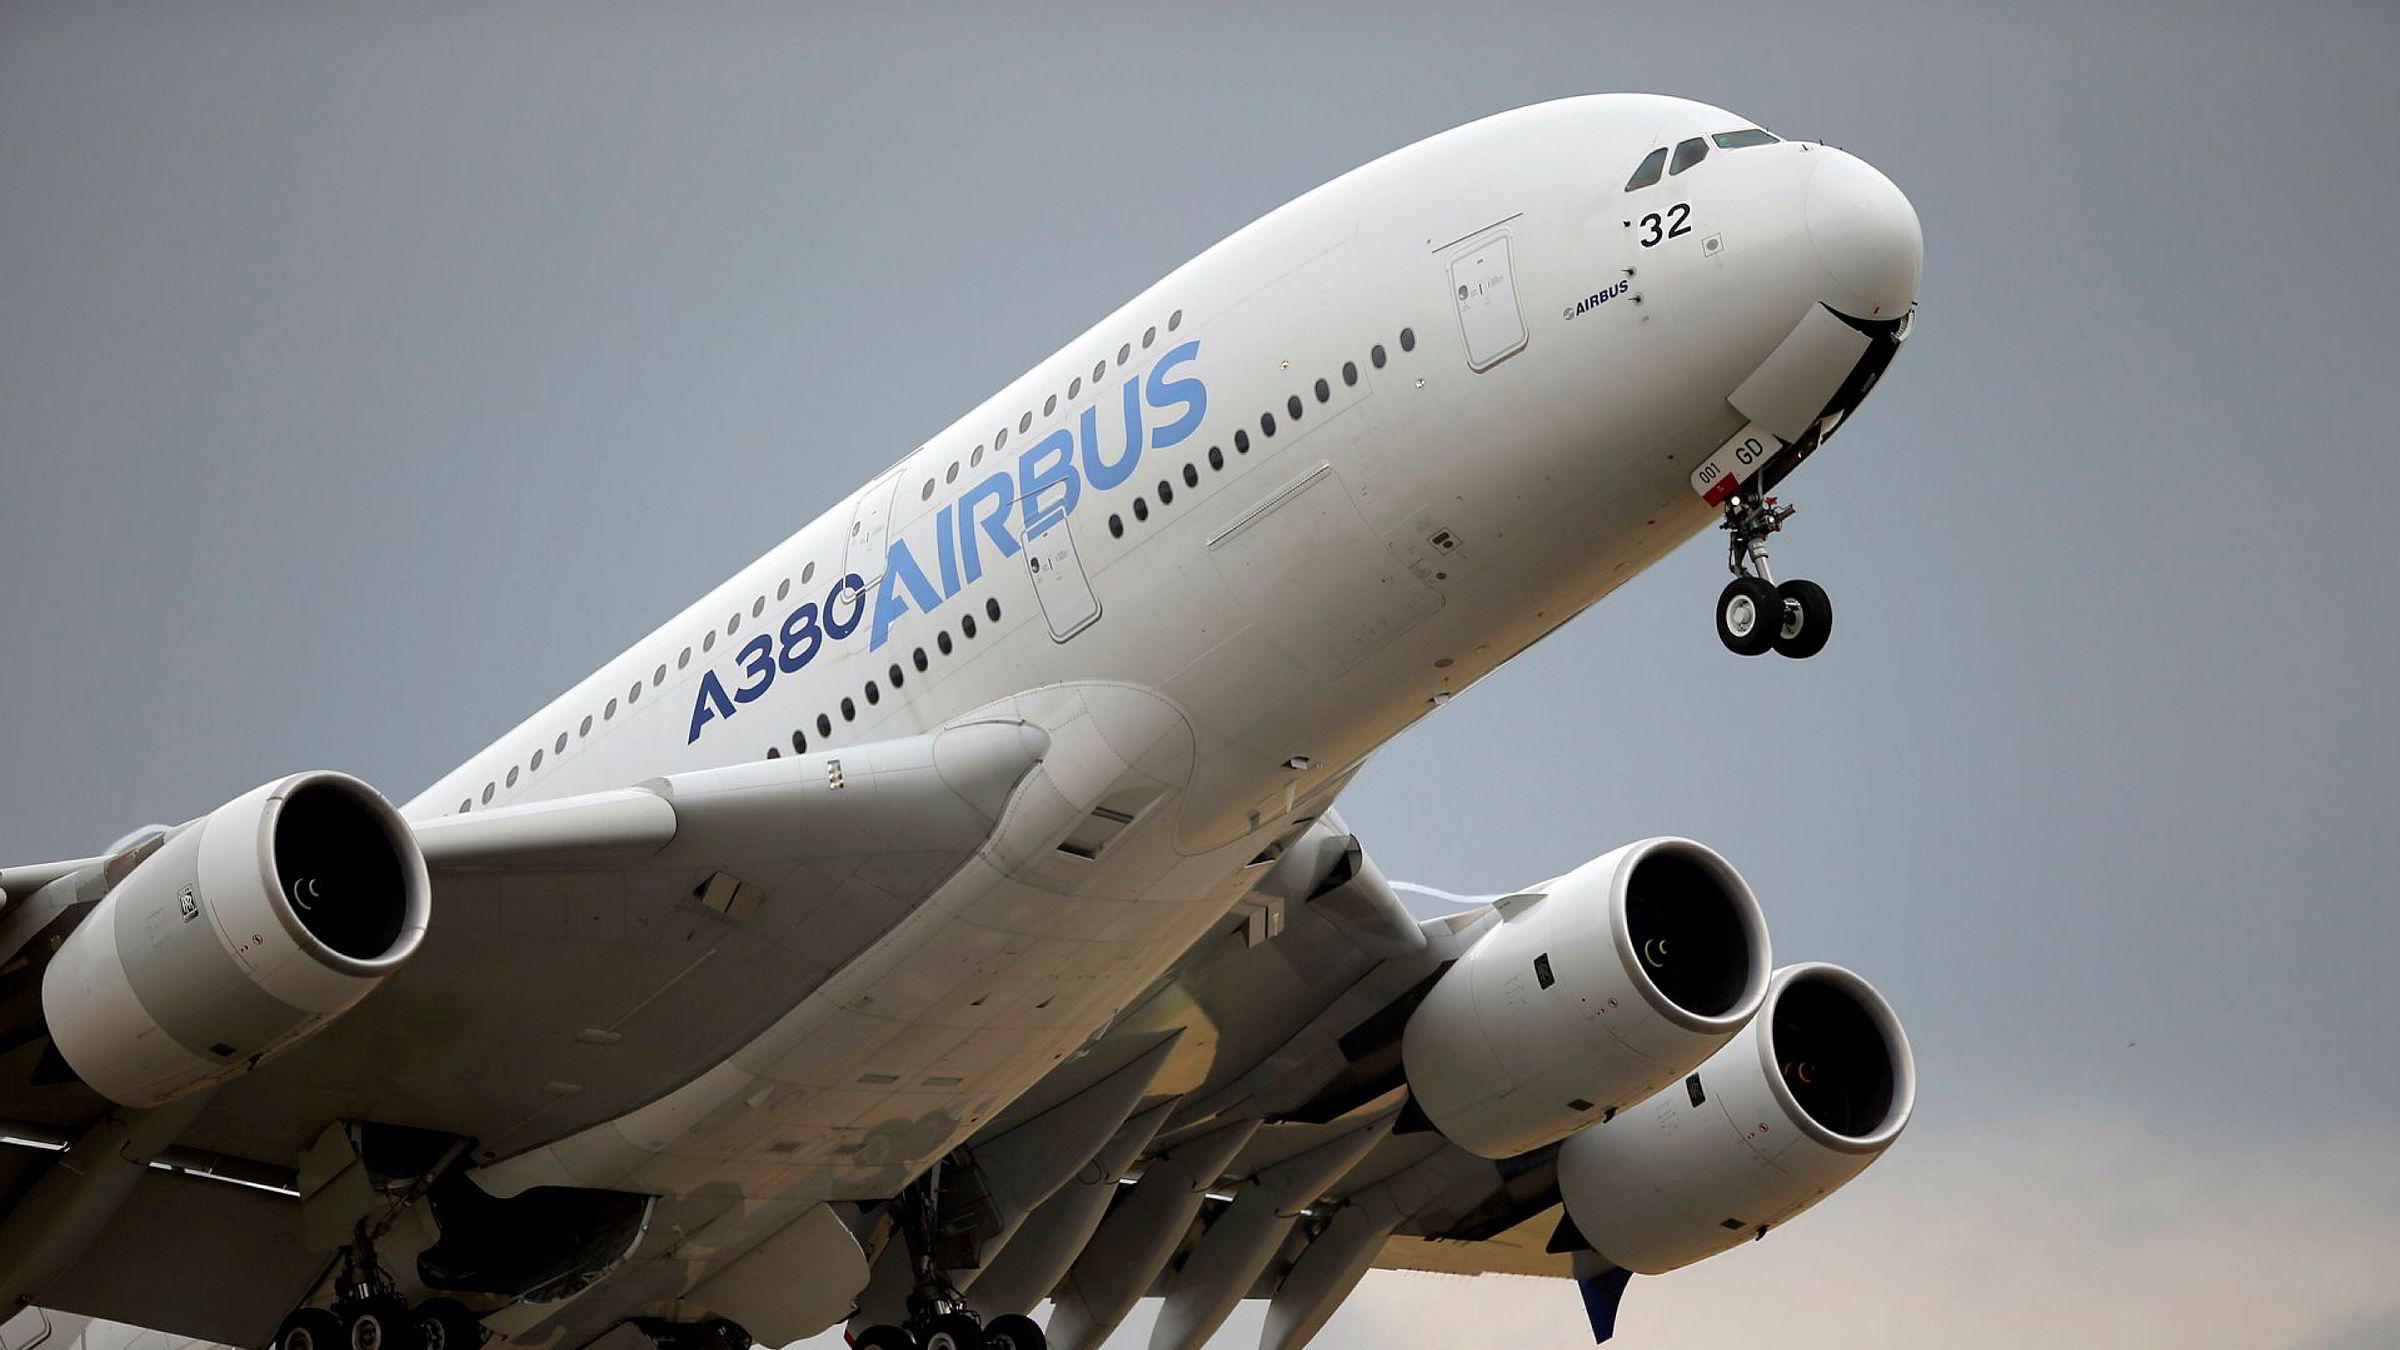 Både EU og USA har gitt ulovlig støtte til sine respektive flyprodusenter, Airbus og Boeing. Nå forbereder europeerne seg på å svare på straffetollen USA har innført på import fra EU.